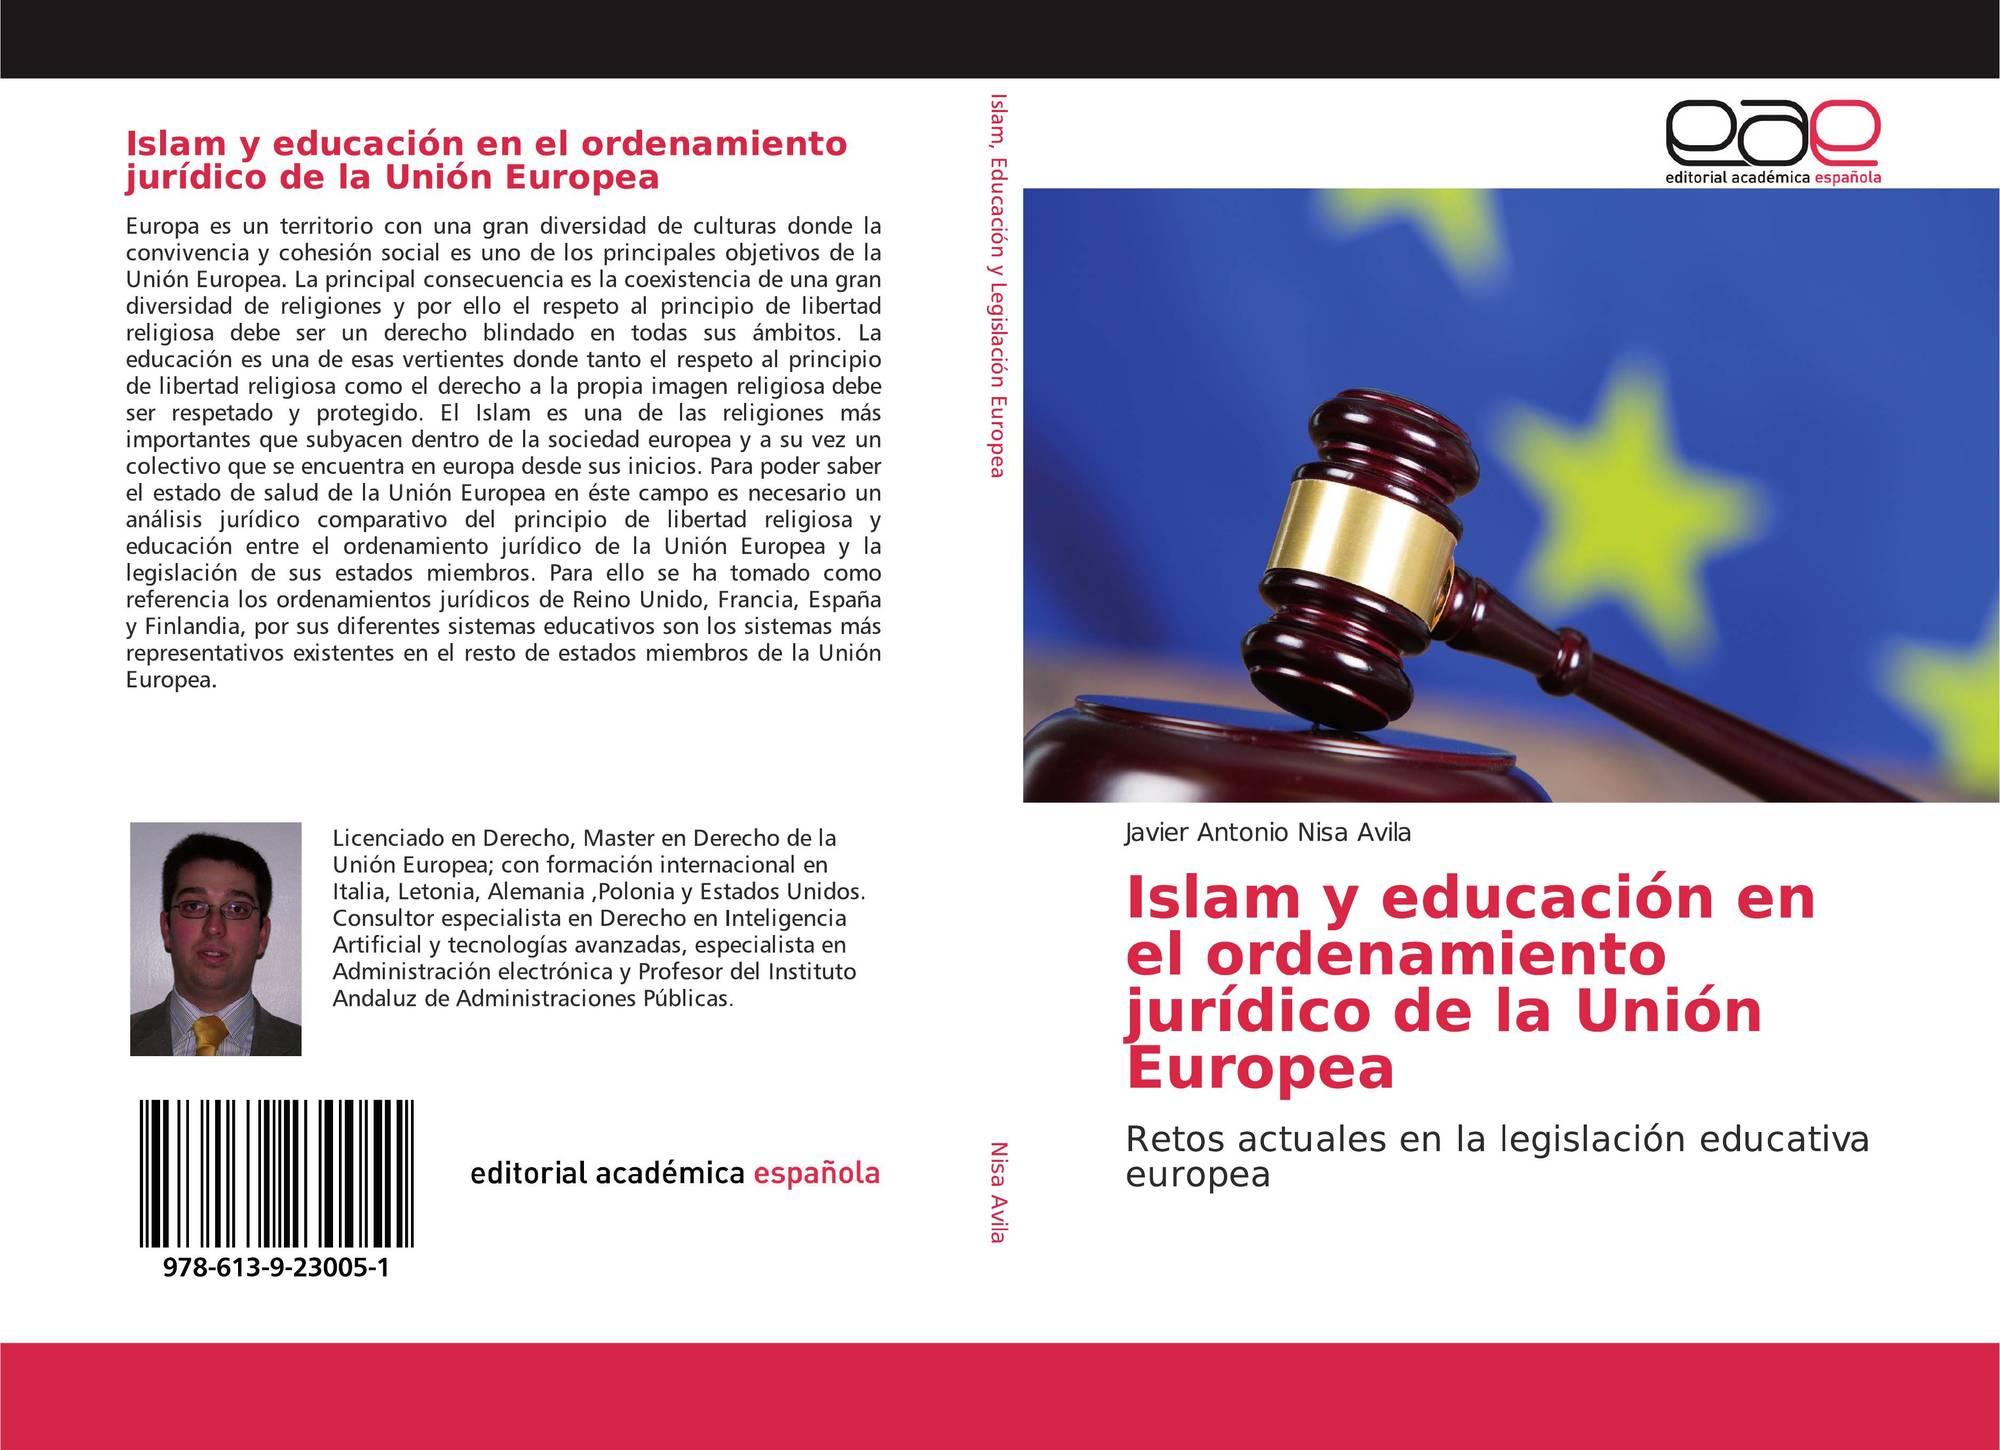 Islam Y Educación En El Ordenamiento Jurídico De La Unión Europea 978 613 9 23005 1 6139230055 9786139230051 By Javier Antonio Nisa Avila